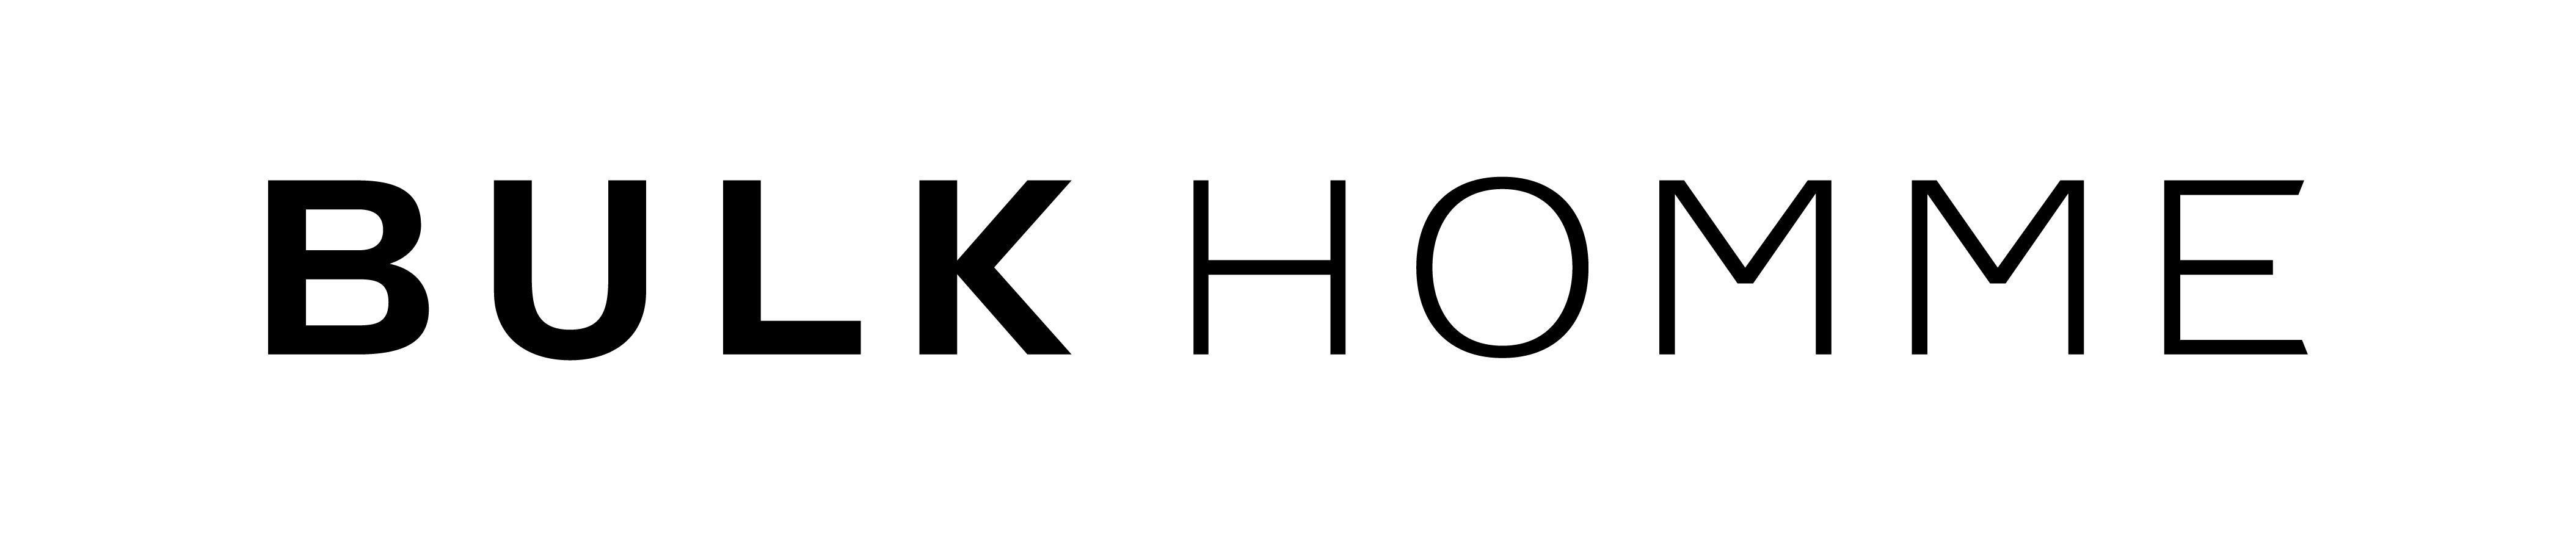 BULKHOMME_logo.jpg